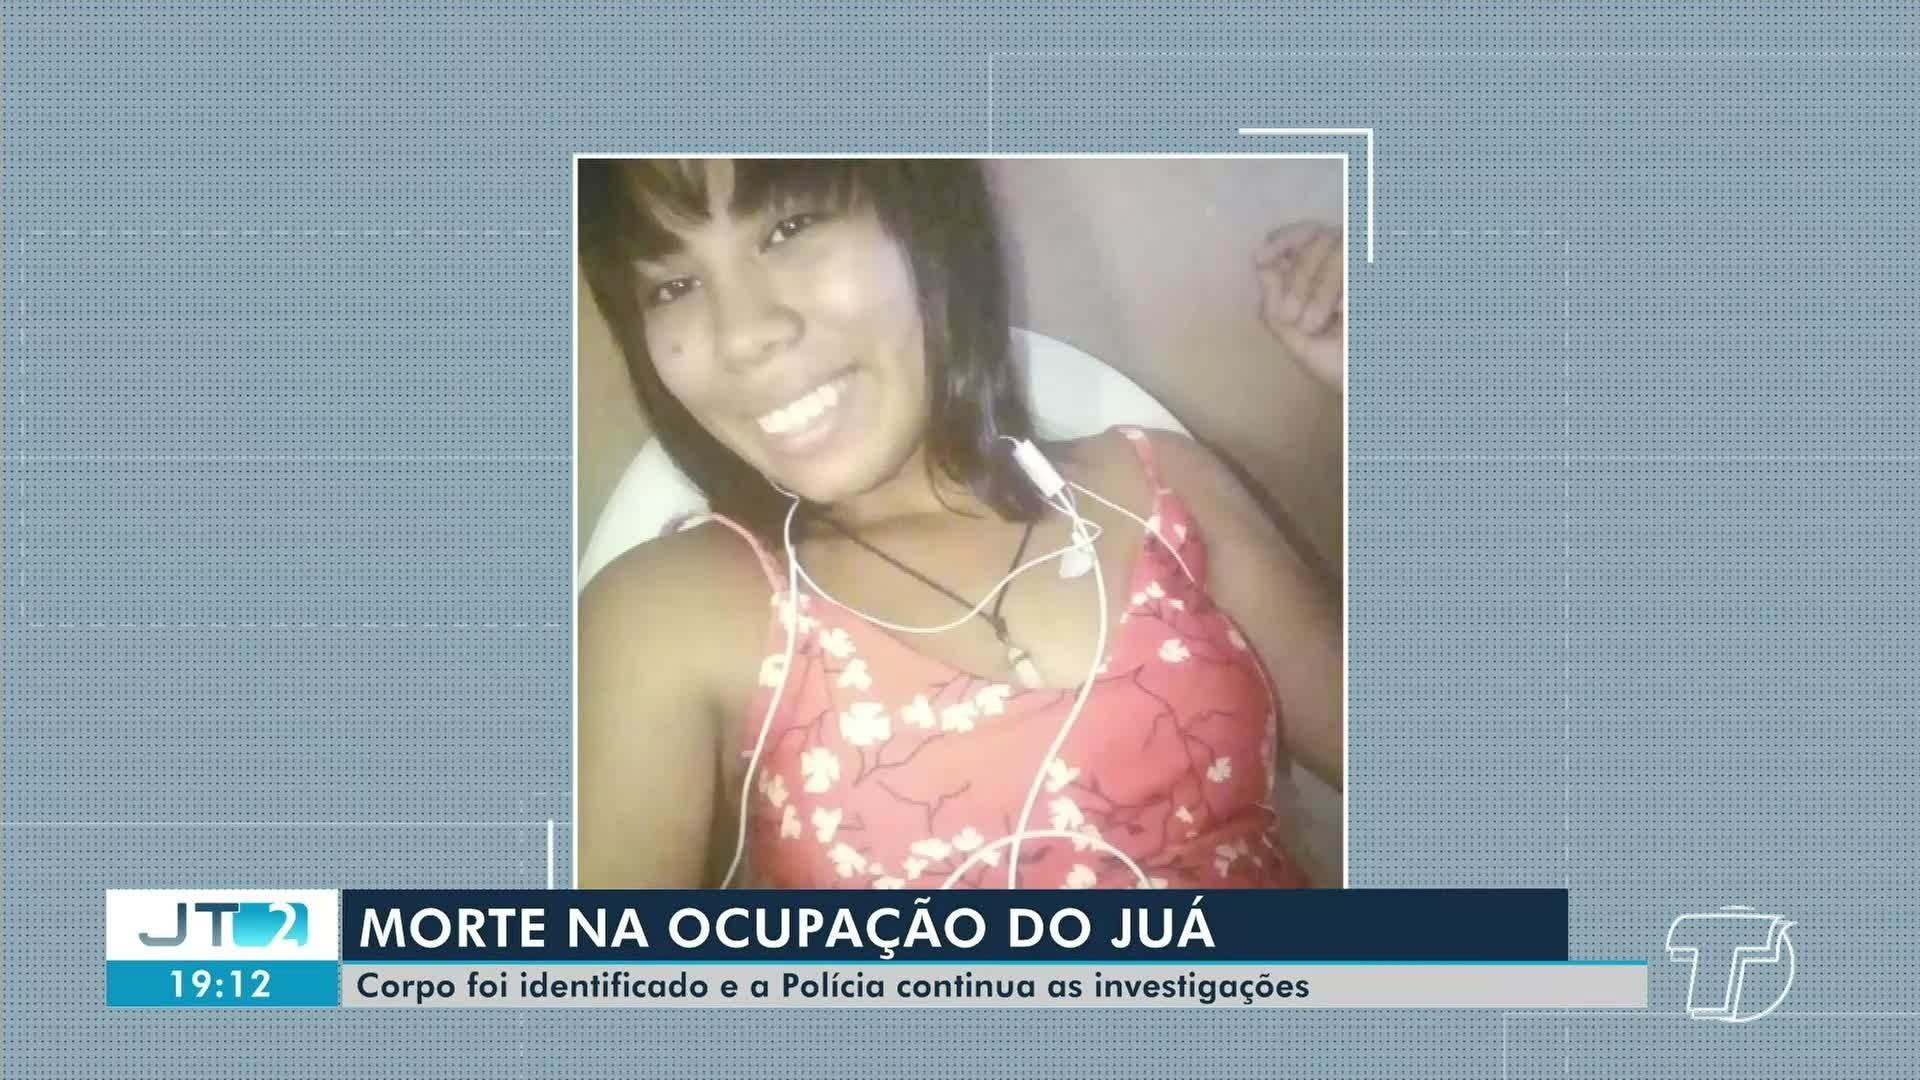 VÍDEOS: Jornal Tapajós 2ª Edição de sexta-feira, 3 de julho 2020